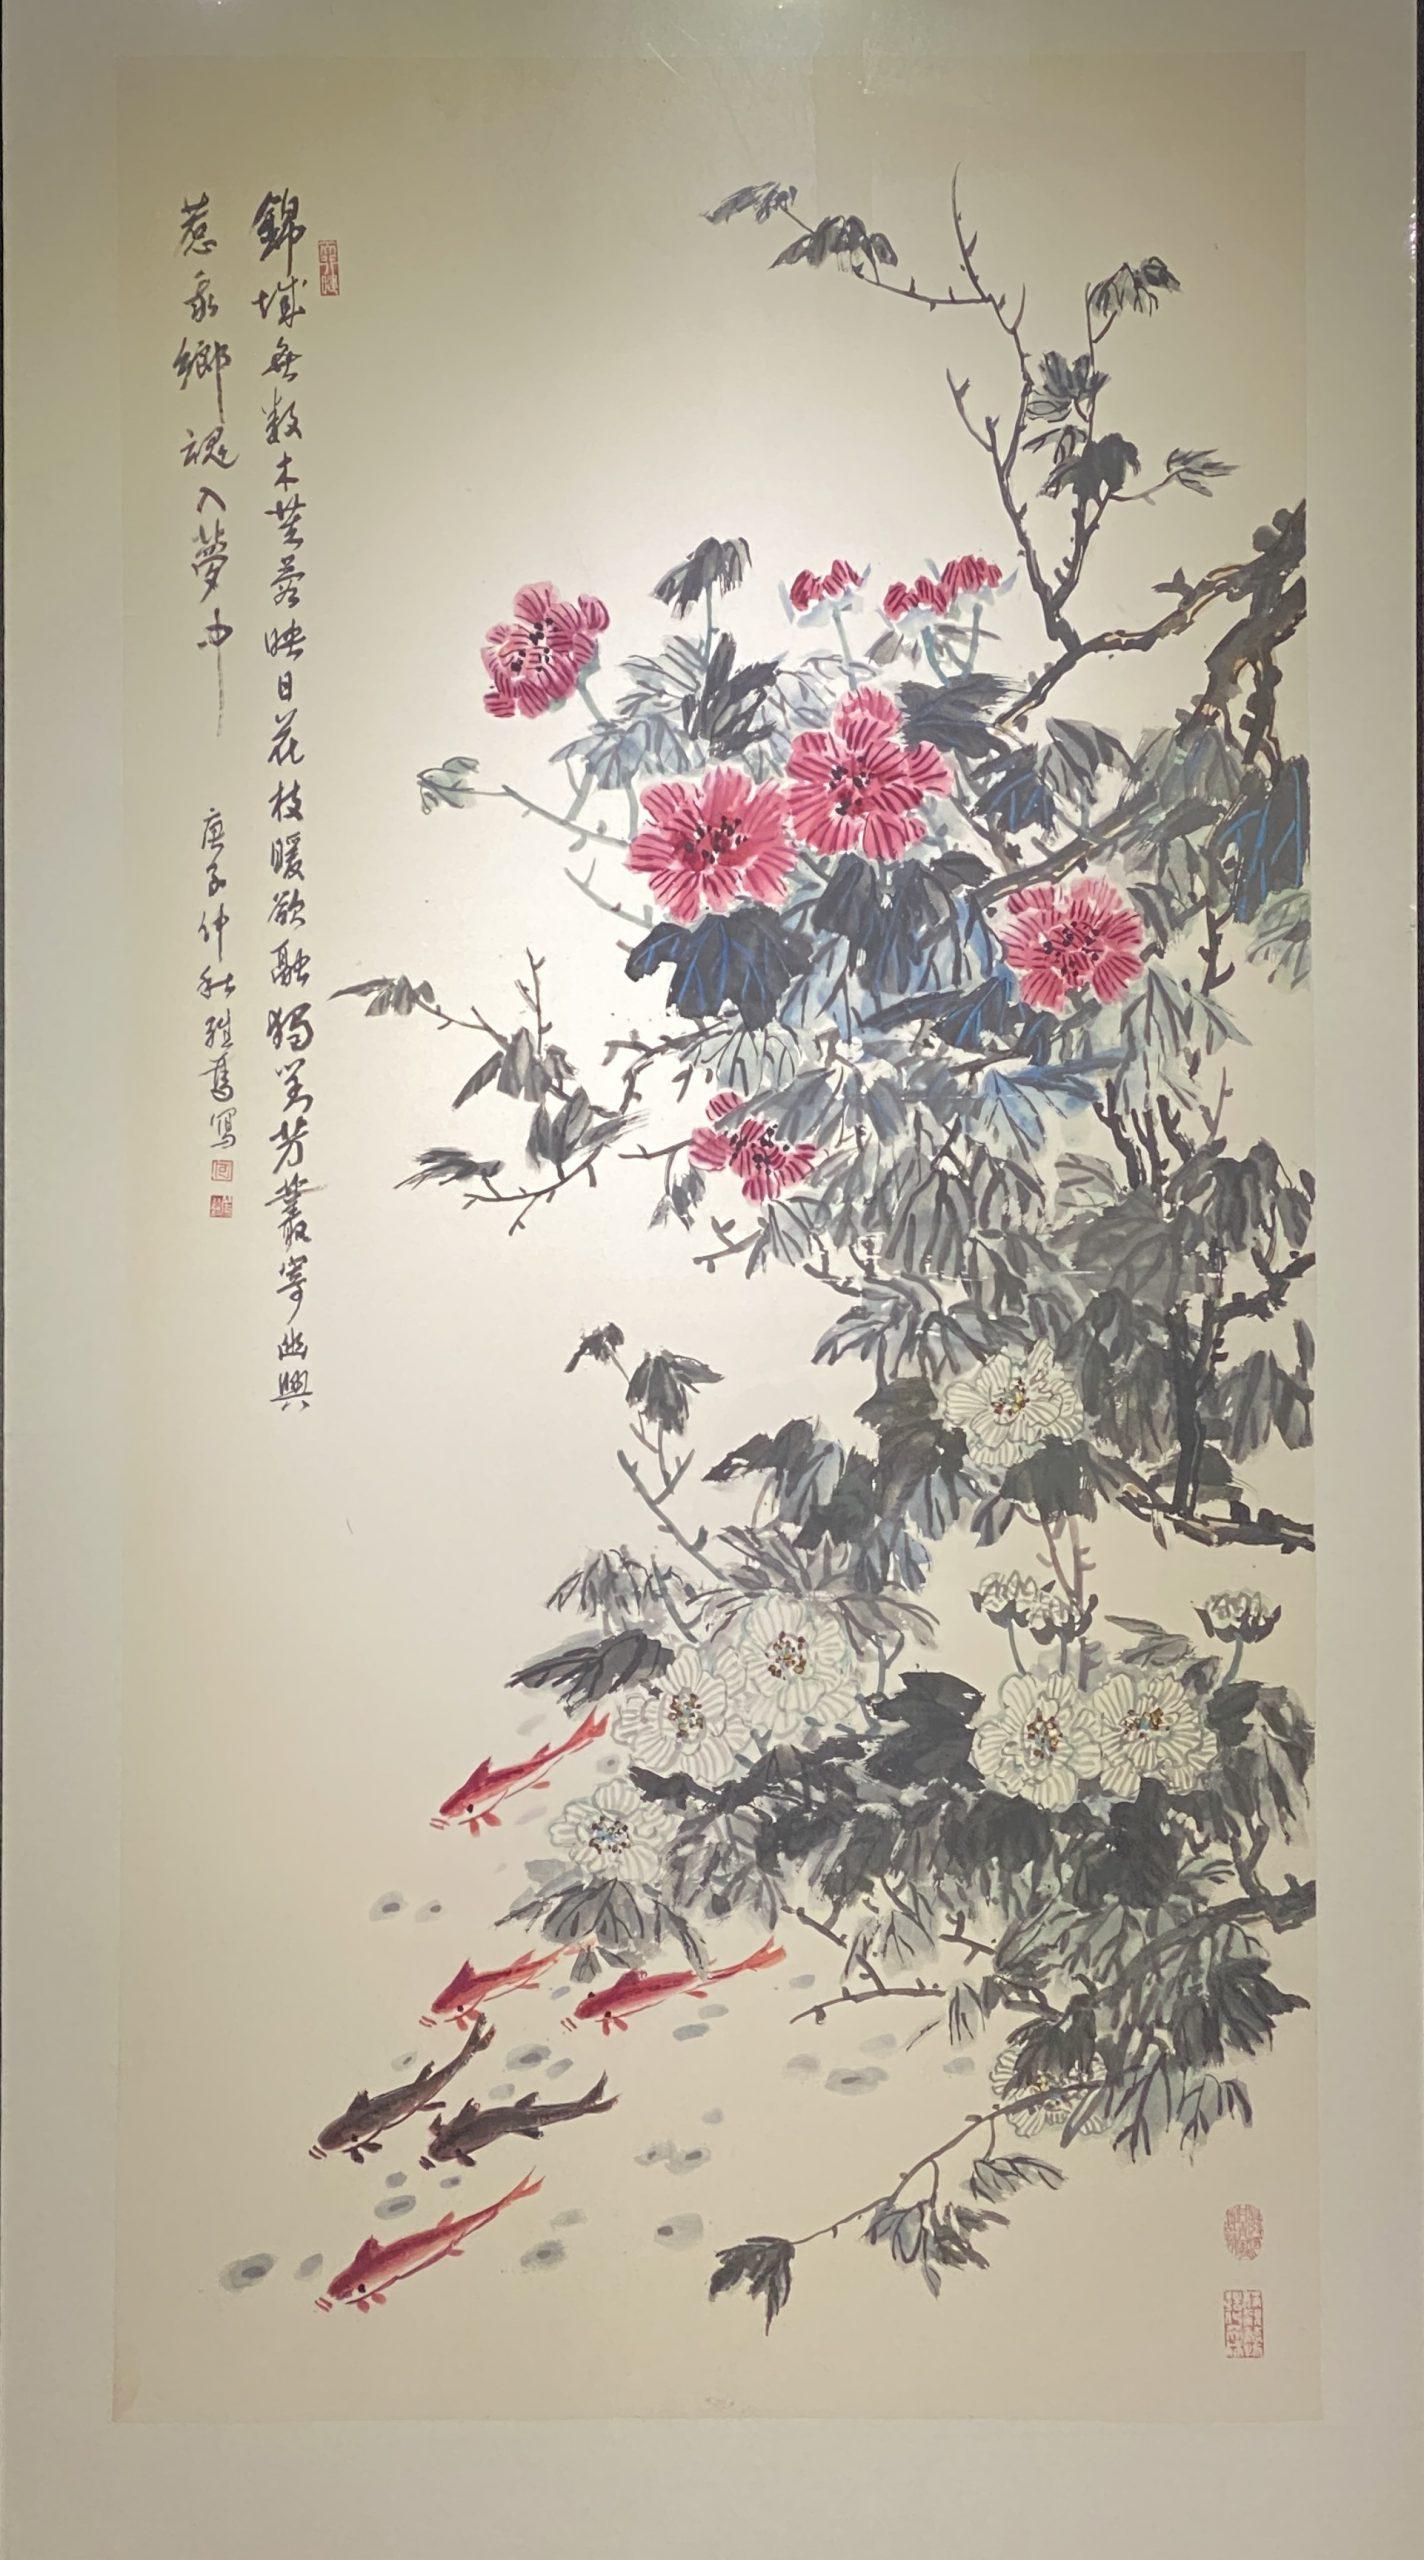 錦城の芙蓉-2020-中国画-247×125cm-「丹青を振りかけ、詩情を送る-何継篤個人書画展」成都市美術館